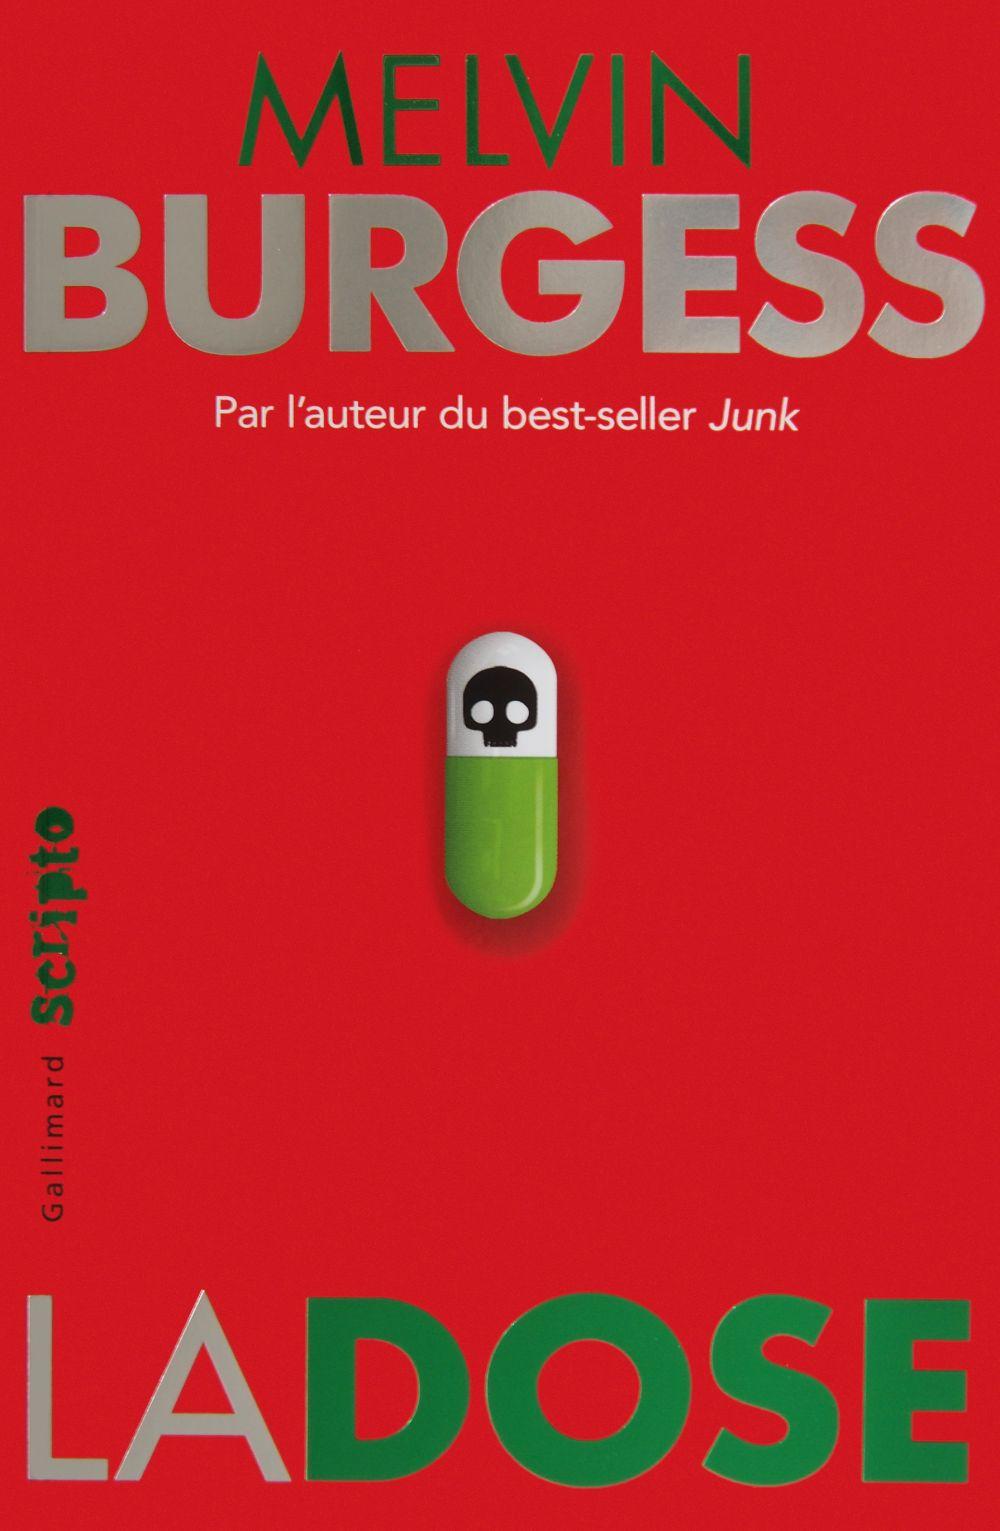 La dose | Burgess, Melvin (1954-....). Auteur